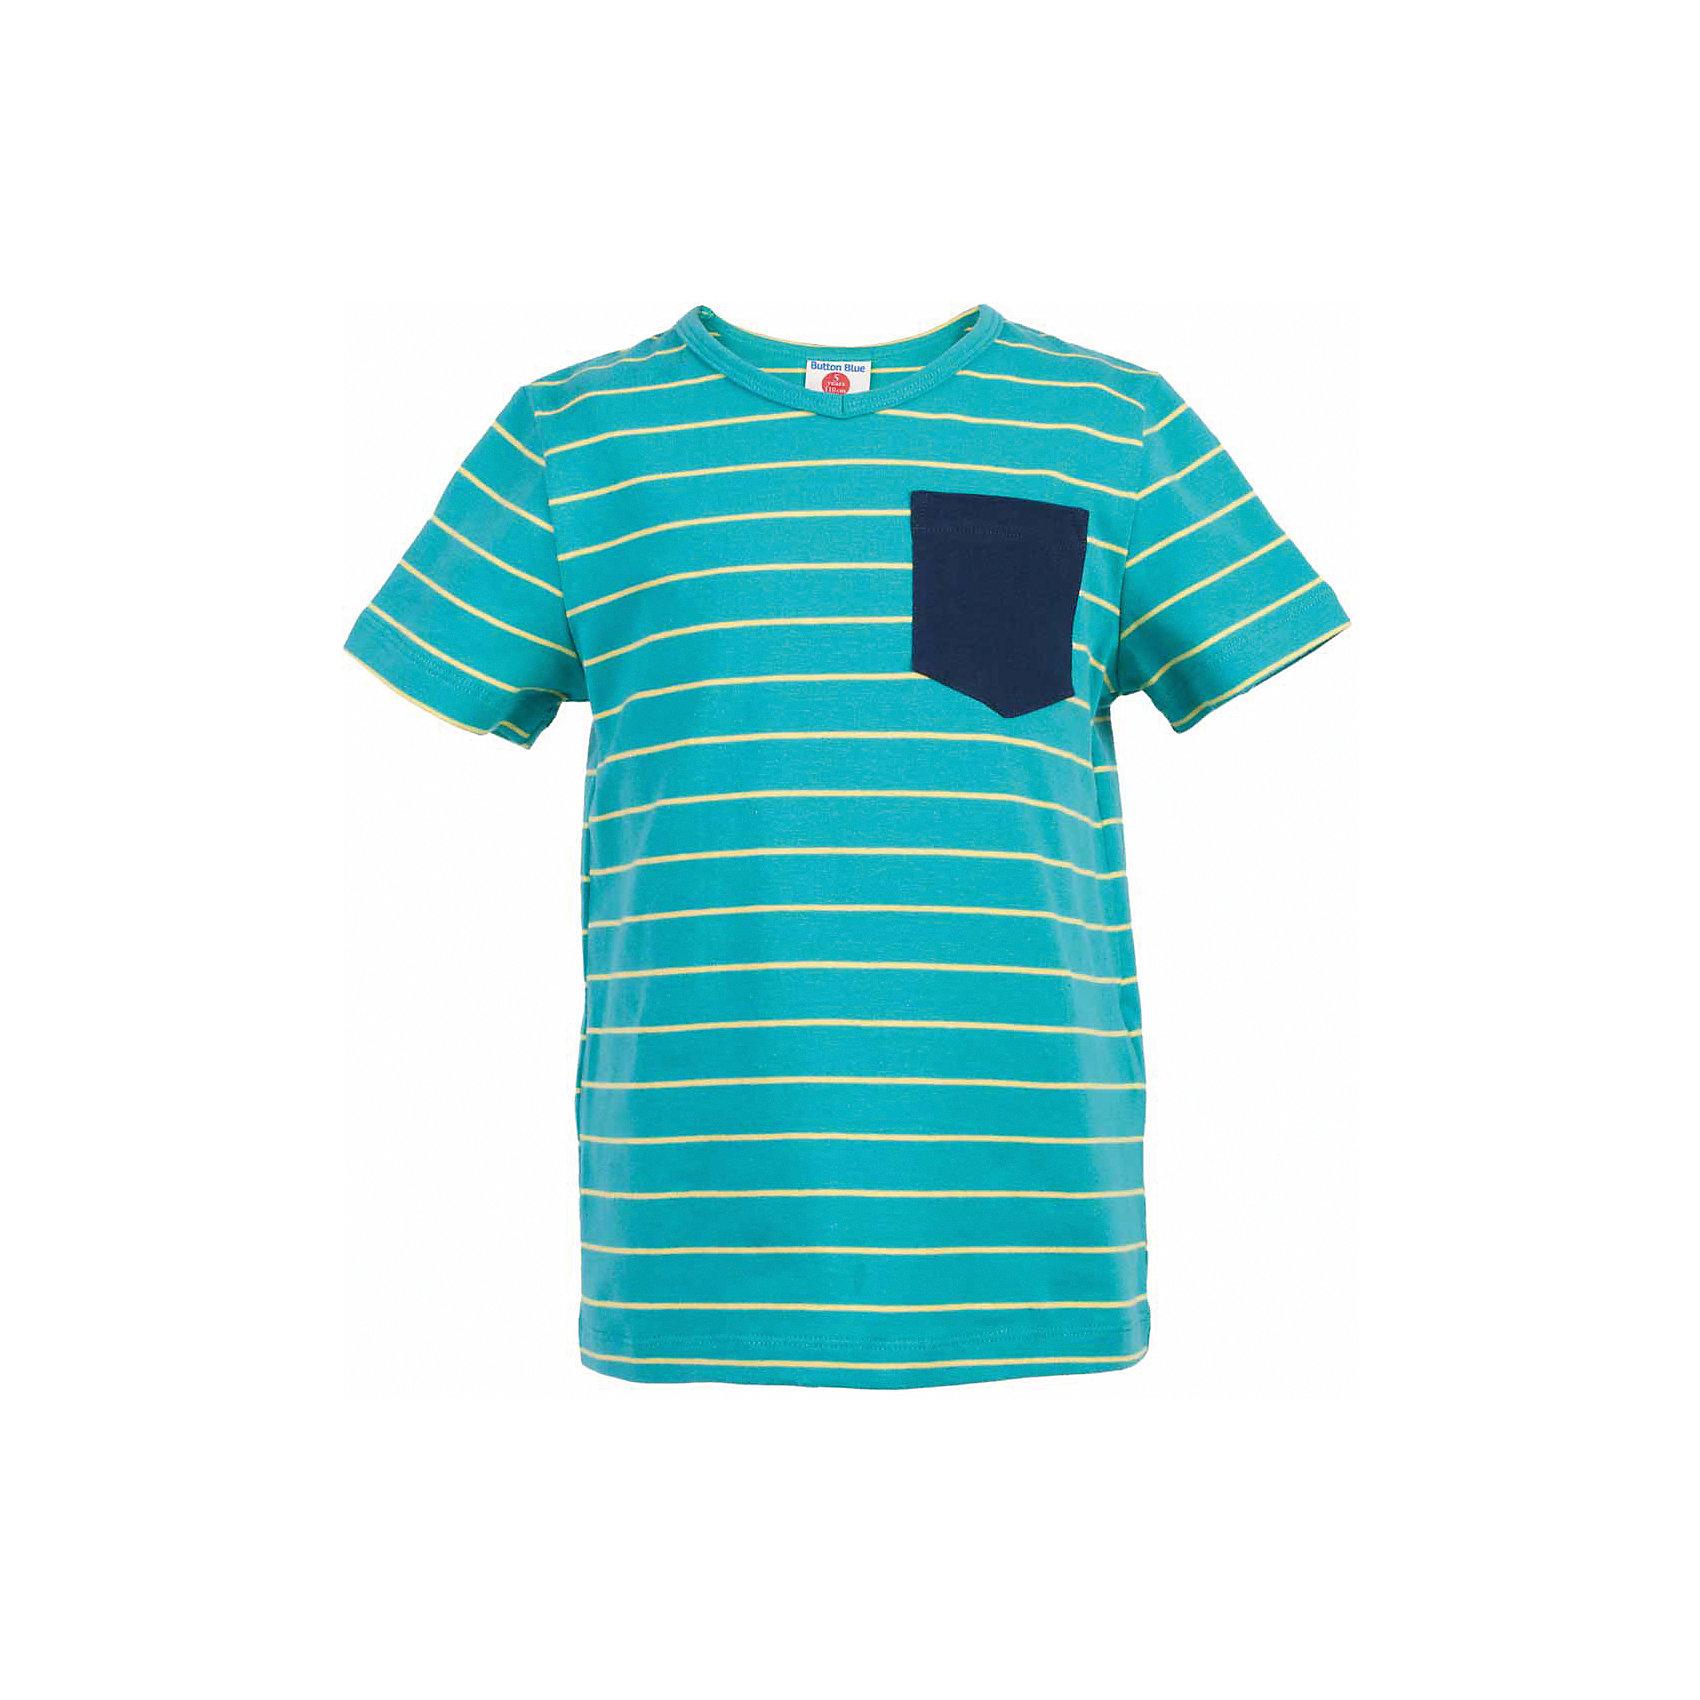 Футболка для мальчика  BUTTON BLUEФутболки, поло и топы<br>Футболка для мальчика  BUTTON BLUE<br>Яркая футболка в полоску - не только базовая вещь в гардеробе ребенка, но и основа модного летнего образа! Если вы решили купить недорогую футболку для мальчика, выберете футболку от Button Blue с V-образной горловиной и контрастным карманом. Маленькая яркая деталь - изюминка модели, создающая настроение! Низкая цена изделия не окажет влияния на бюджет семьи, позволив создать интересный гардероб для долгожданных каникул!<br>Состав:<br>95% хлопок 5% эластан<br><br>Ширина мм: 199<br>Глубина мм: 10<br>Высота мм: 161<br>Вес г: 151<br>Цвет: бирюзовый<br>Возраст от месяцев: 48<br>Возраст до месяцев: 60<br>Пол: Мужской<br>Возраст: Детский<br>Размер: 110,104,98,158,152,146,140,134,128,122,116<br>SKU: 5524198